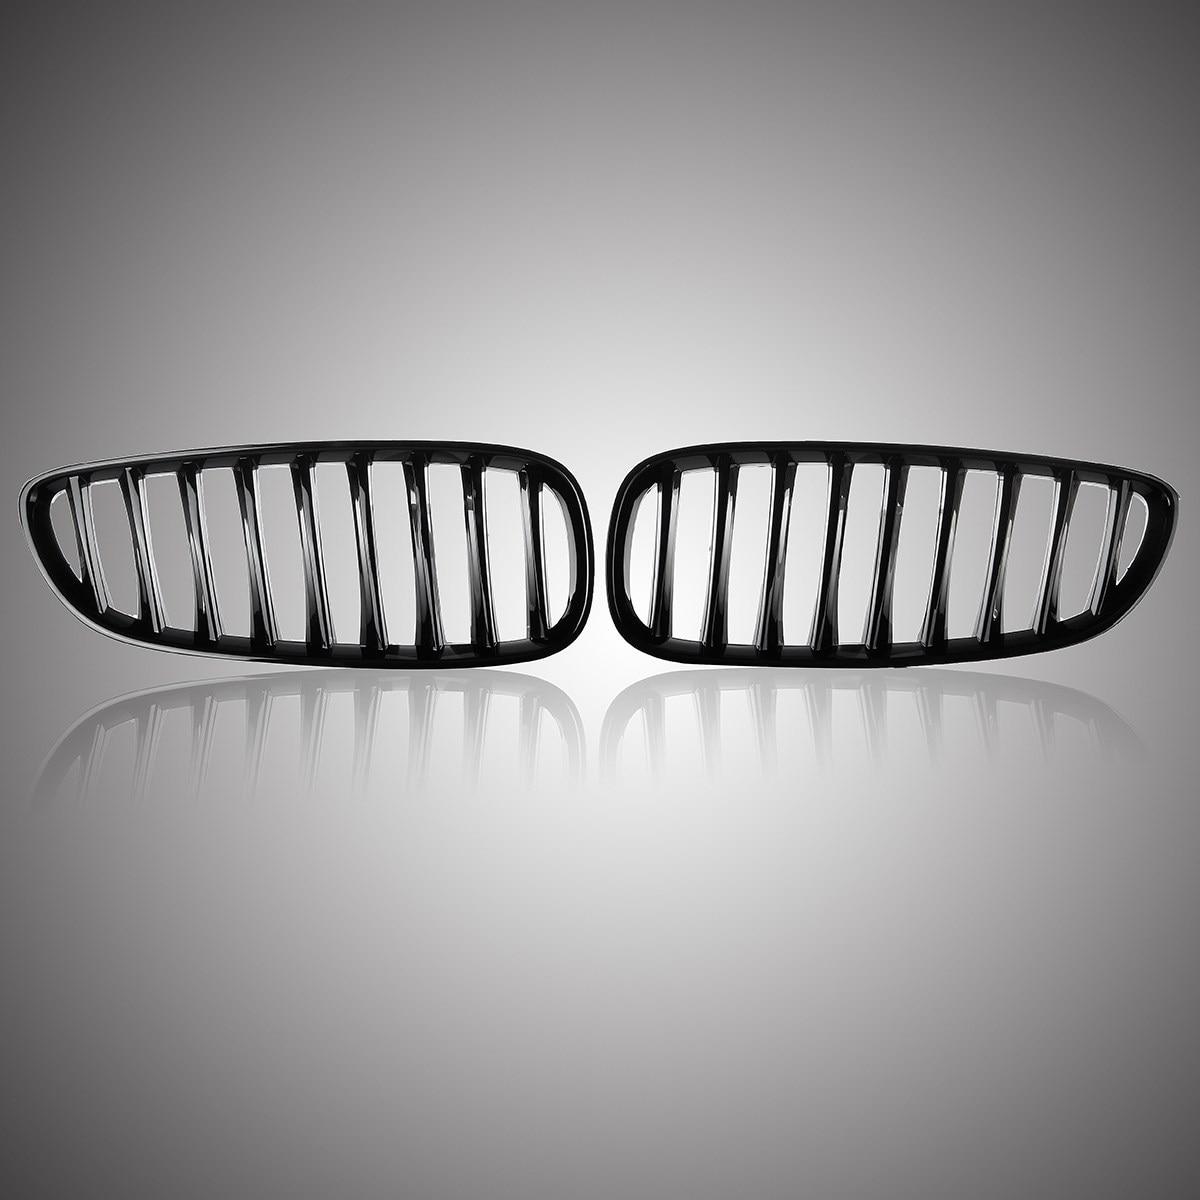 Nuevo par de rejillas de malla frontal negras brillantes (izquierda y derecha) para BMW Z4 E89 2008-2016